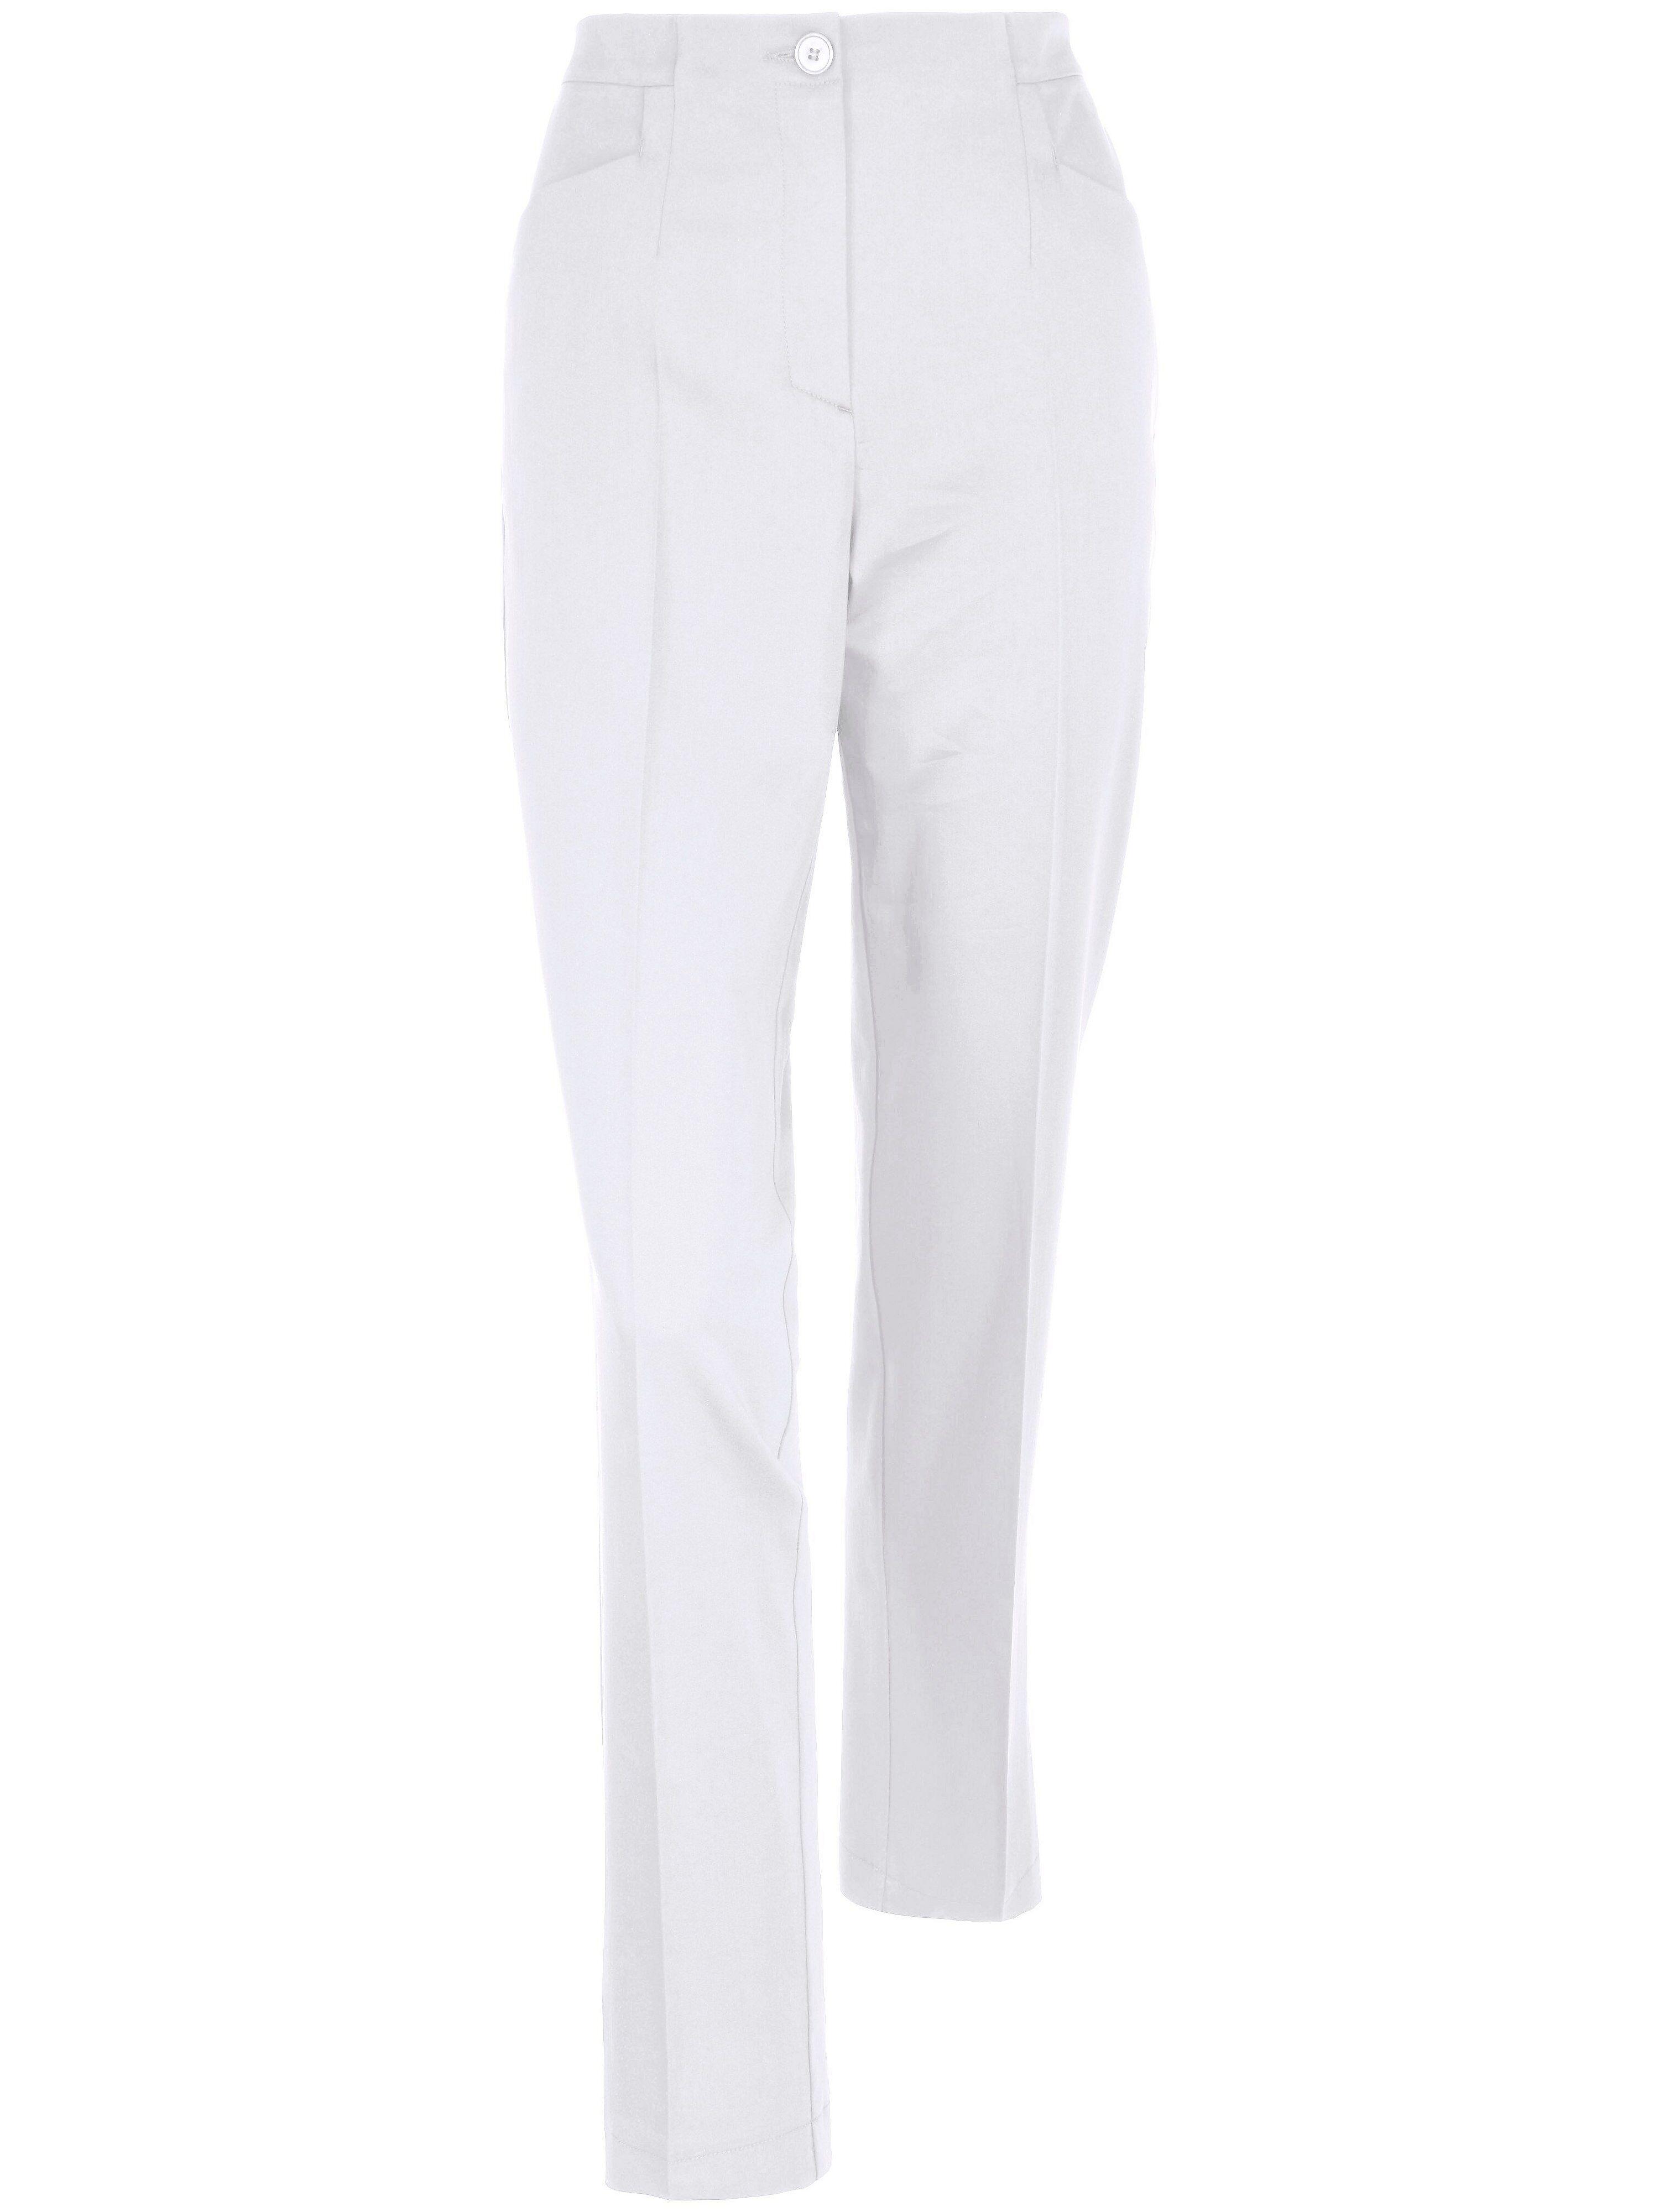 Peter Hahn Le pantalon facile d'entretien Peter Hahn blanc 25